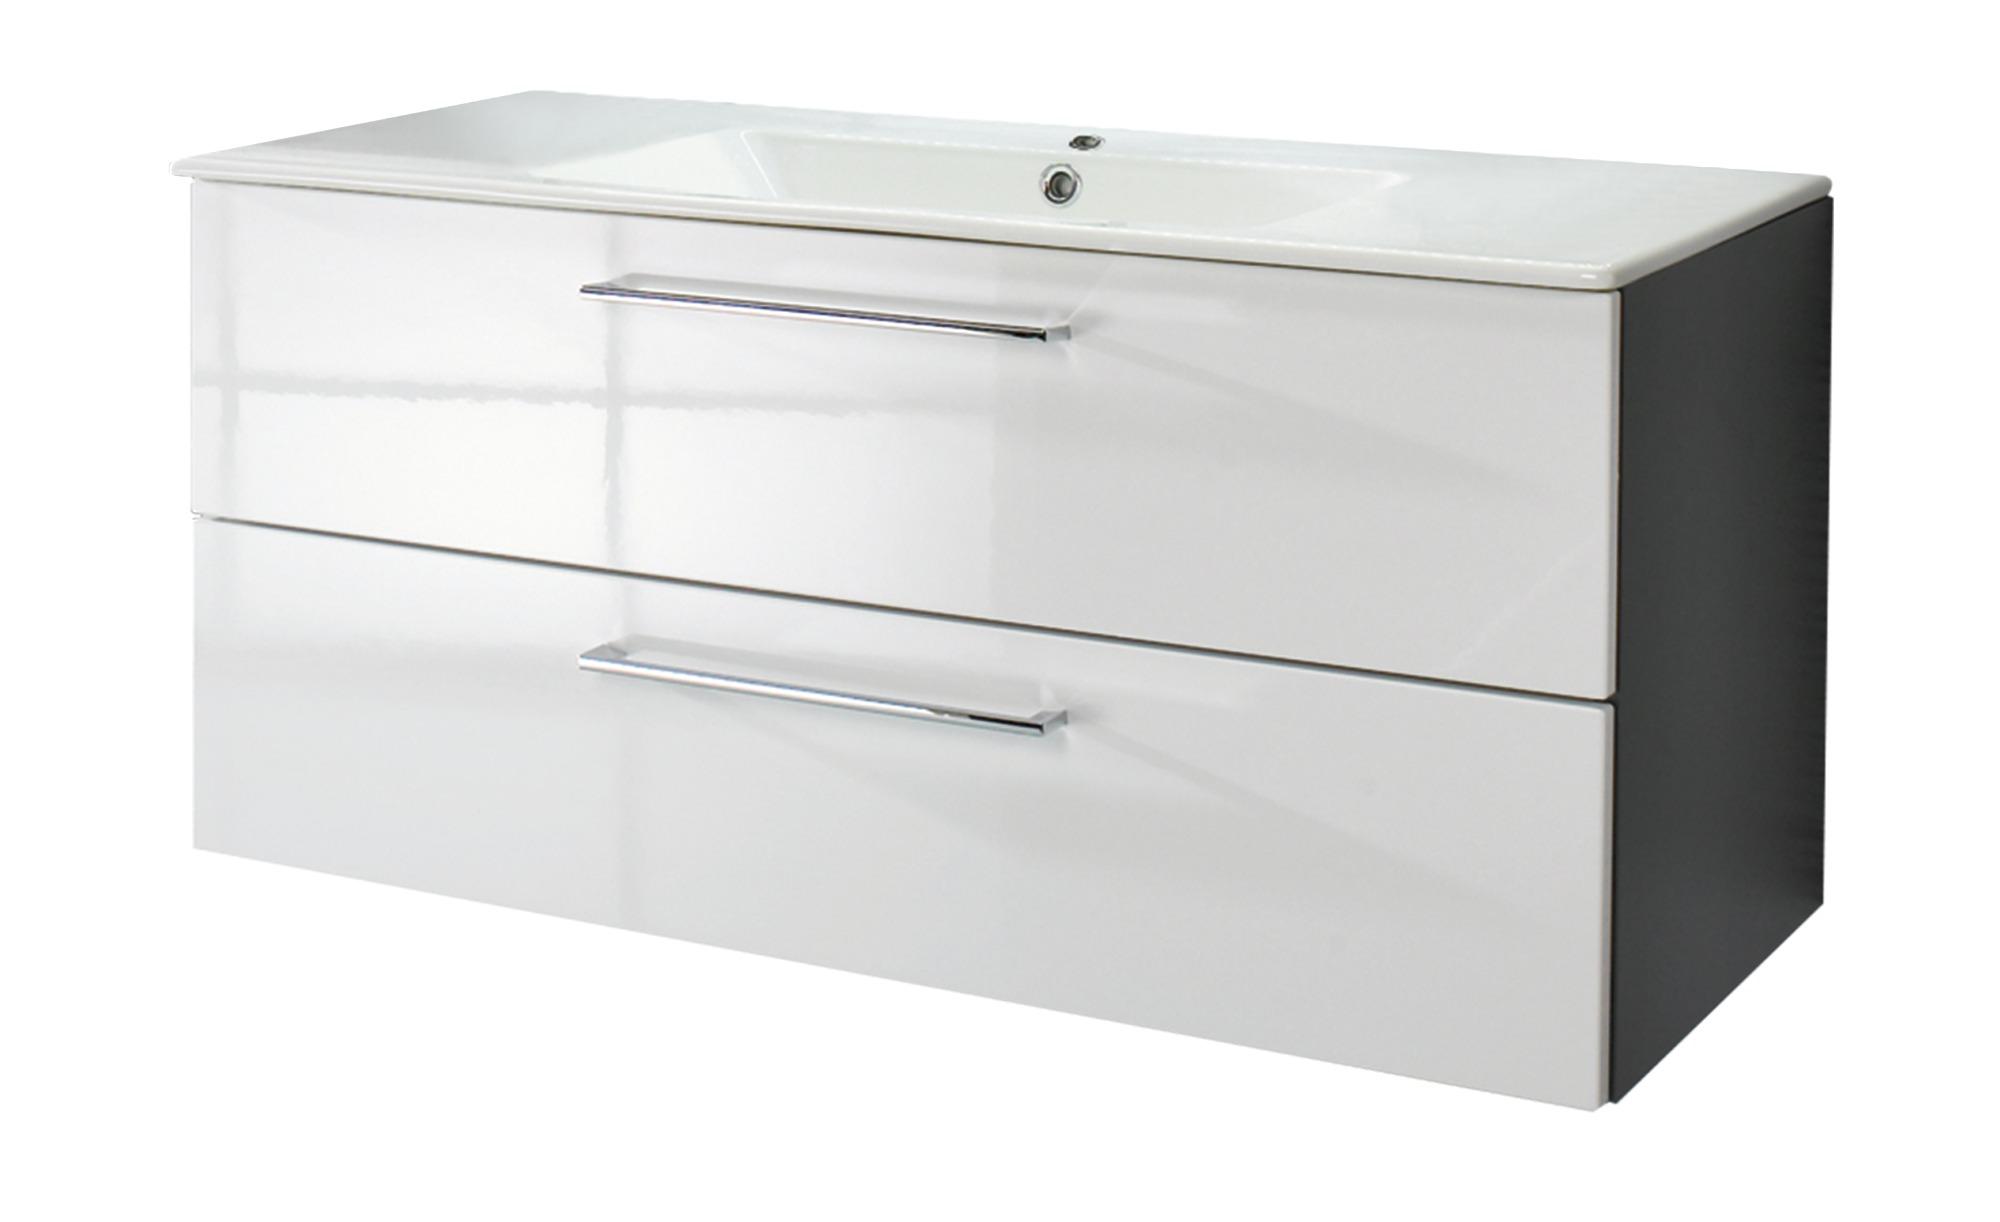 Waschtischkombination Fresdorfer See ¦ weiß ¦ Maße (cm): B: 100 Schränke >  Badschränke > Komplett-Badkombinationen - Höffner